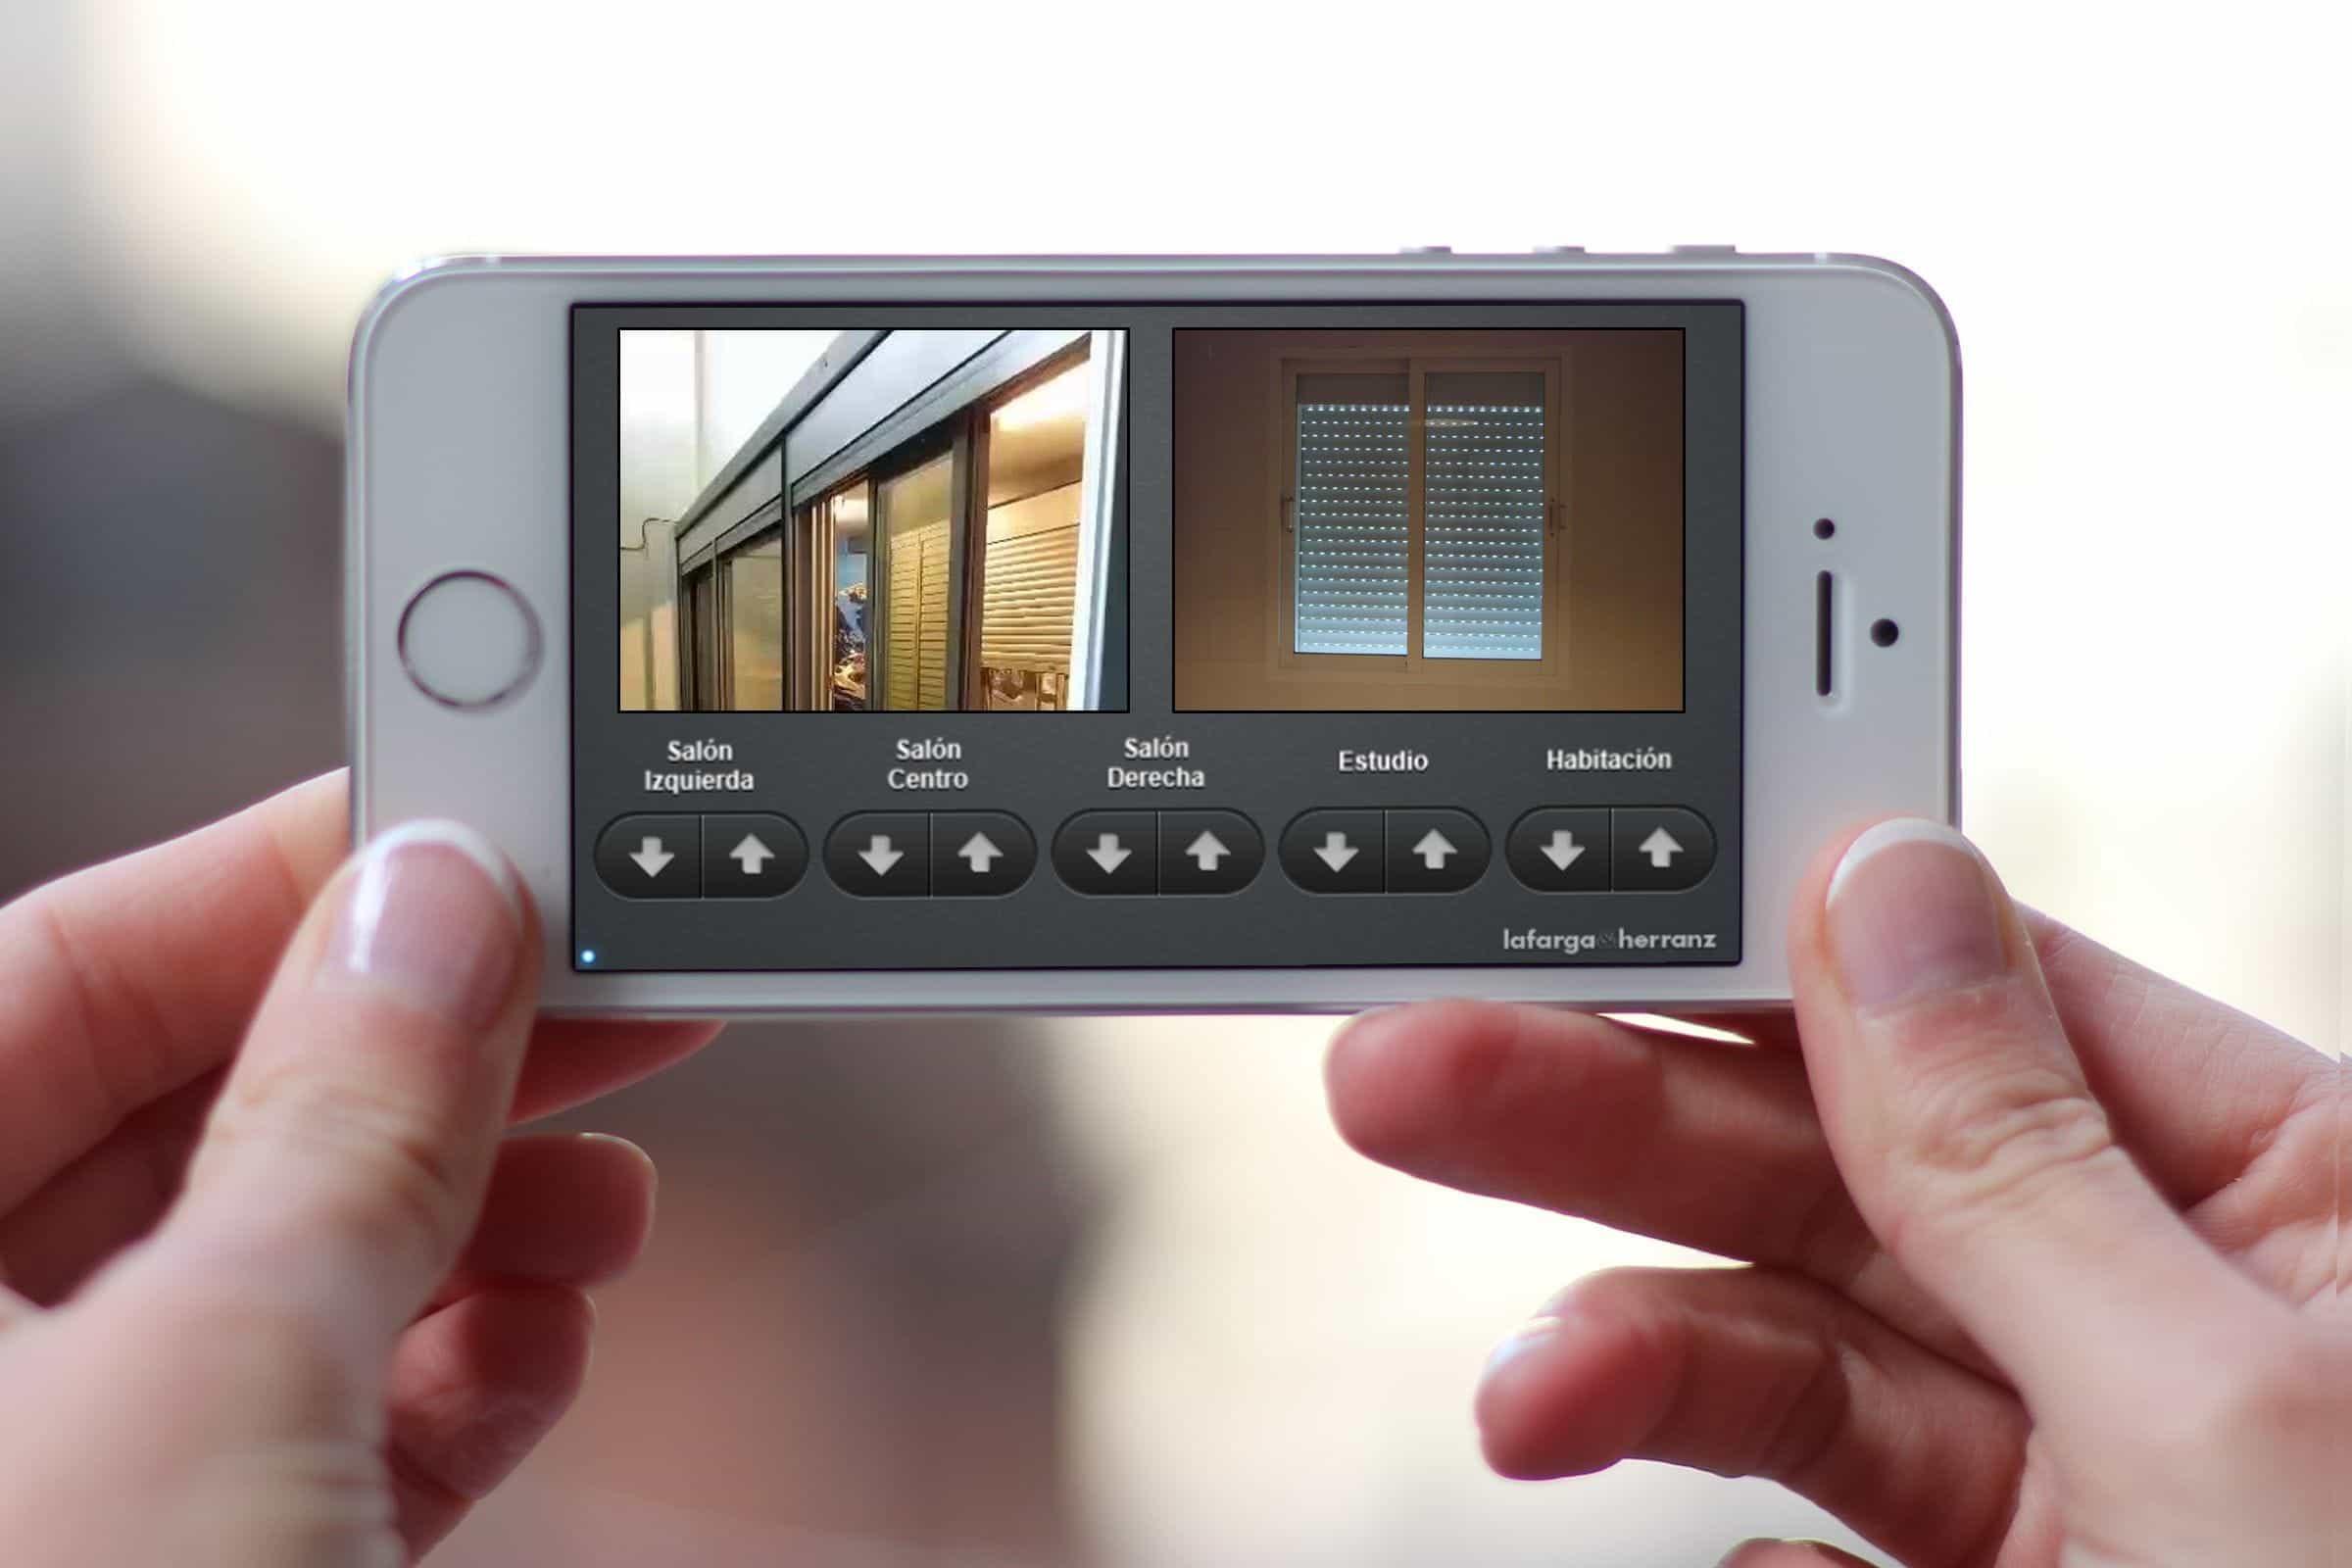 Aplicación que controla 5 persianas con el móvil